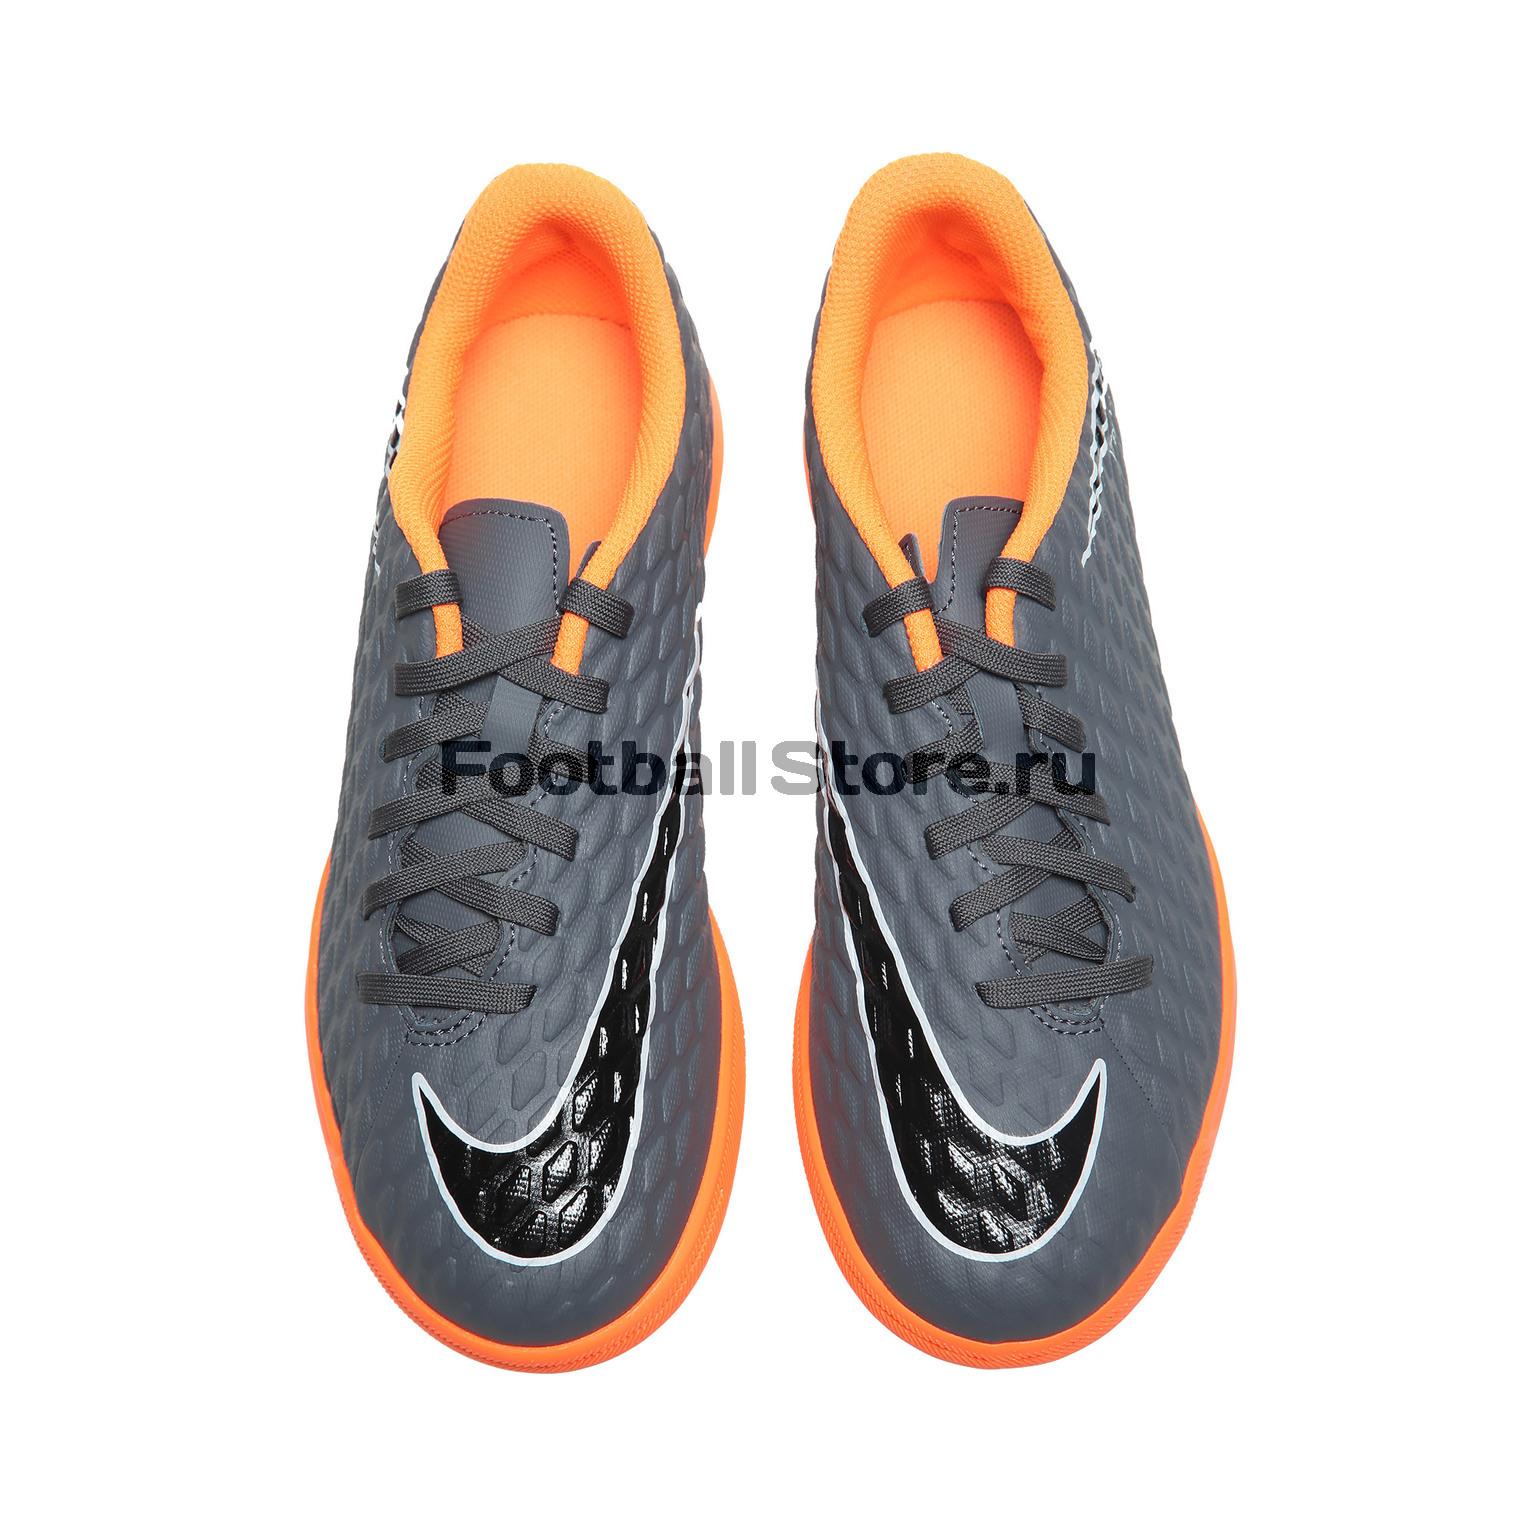 c4d9ce5f Футзалки детские Nike PhantomX 3 Club IC AH7296-081 – купить в ...